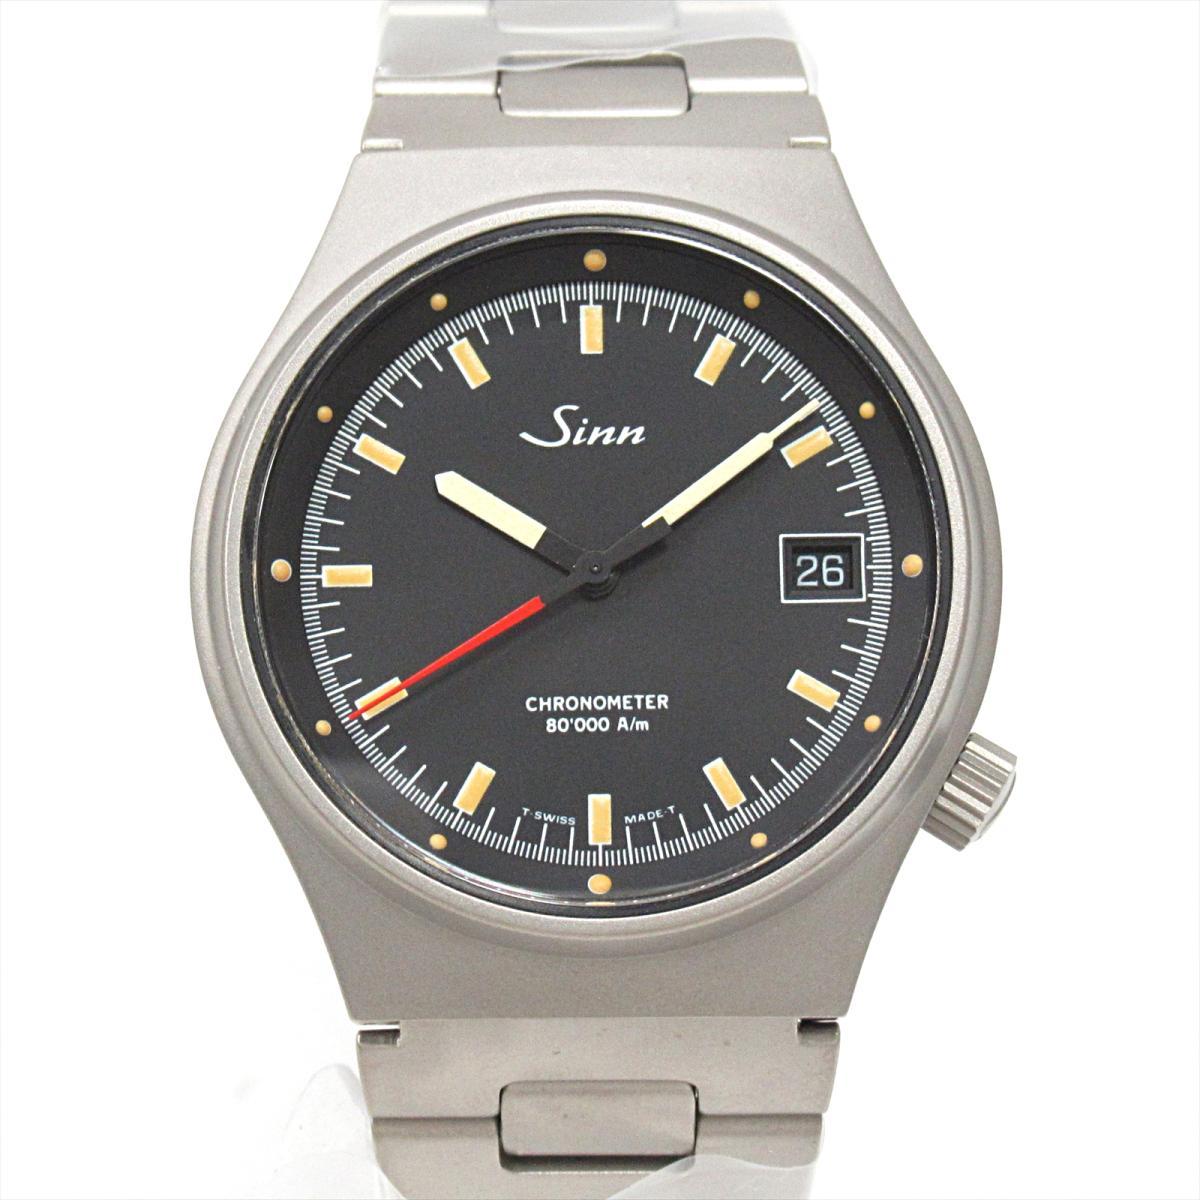 チタン製腕時計 - チタニウム製の時計を買うな …